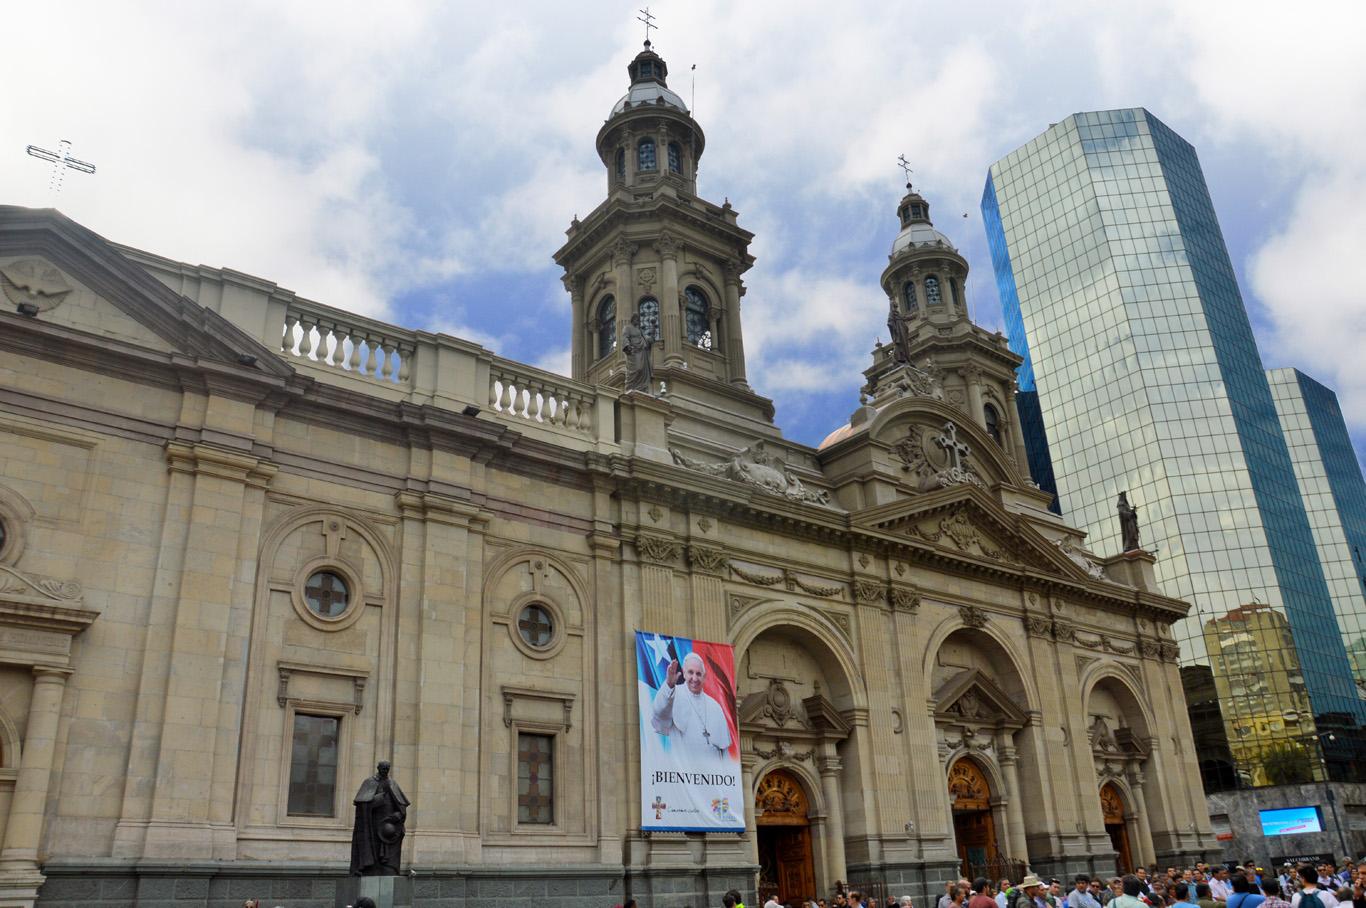 Metropolitan Cathedral in Plaza de Armas